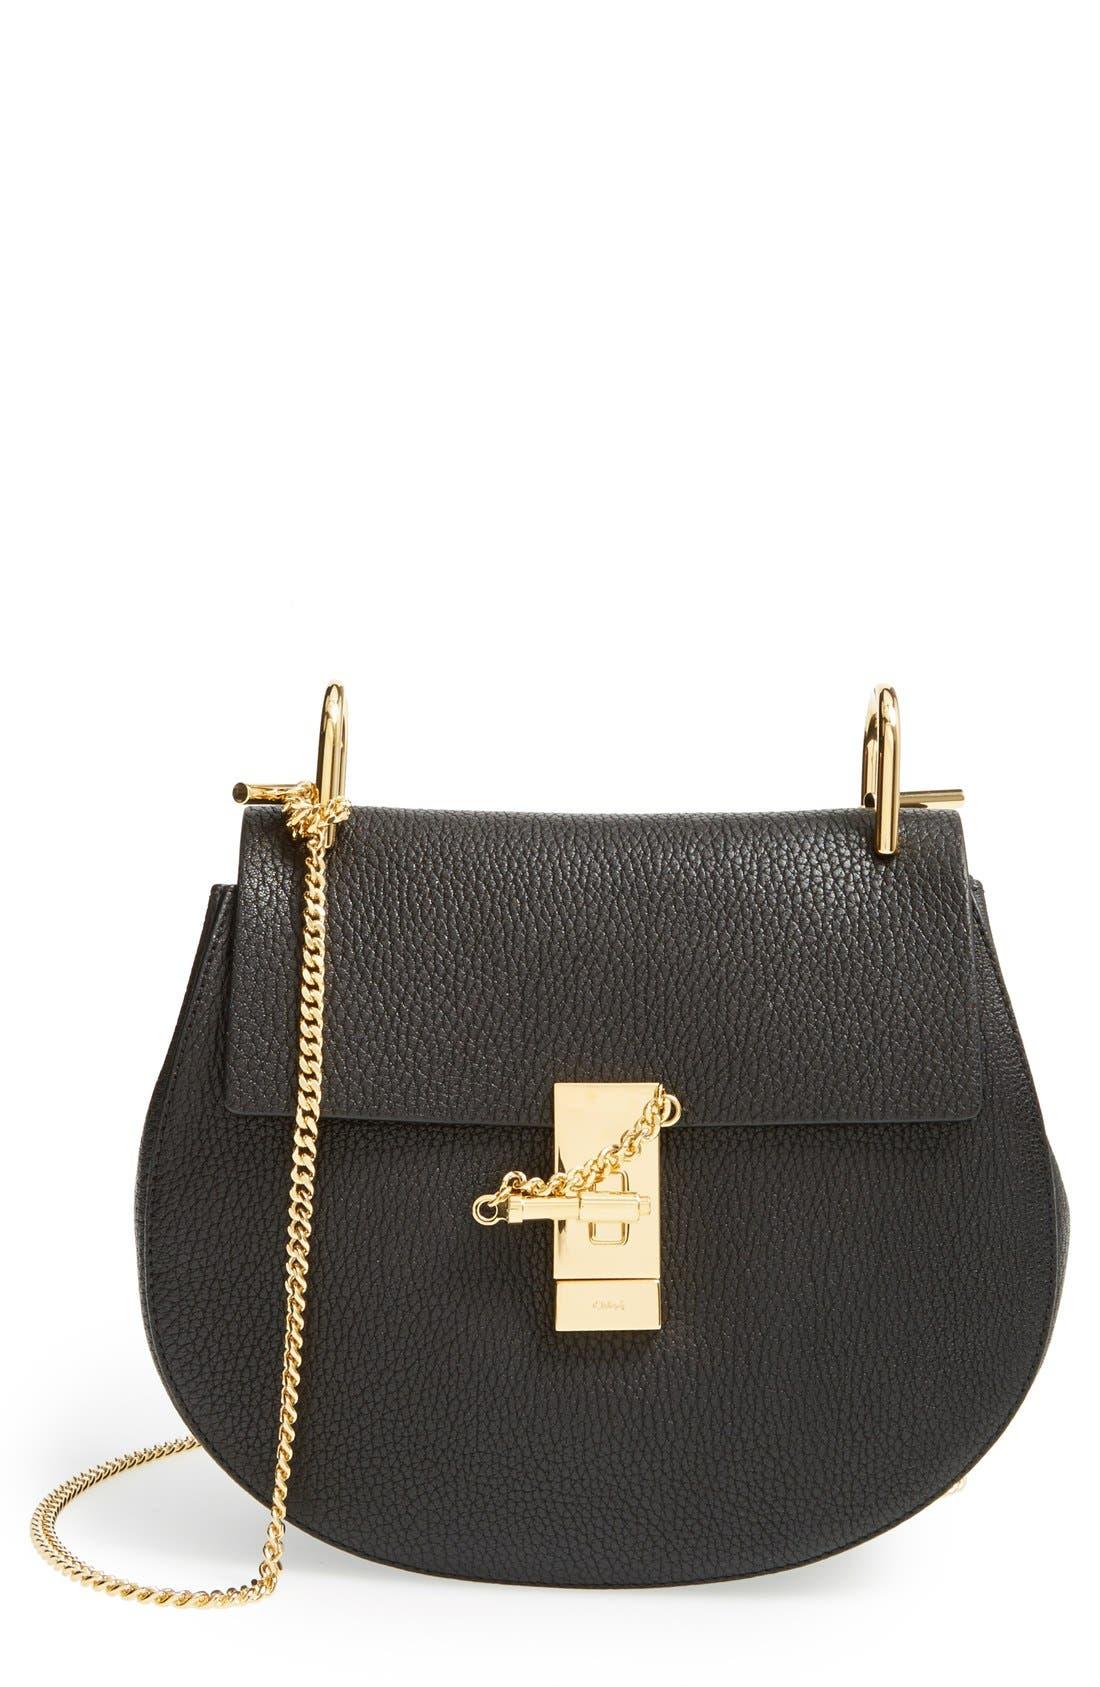 Alternate Image 1 Selected - Chloé Drew Leather Shoulder Bag